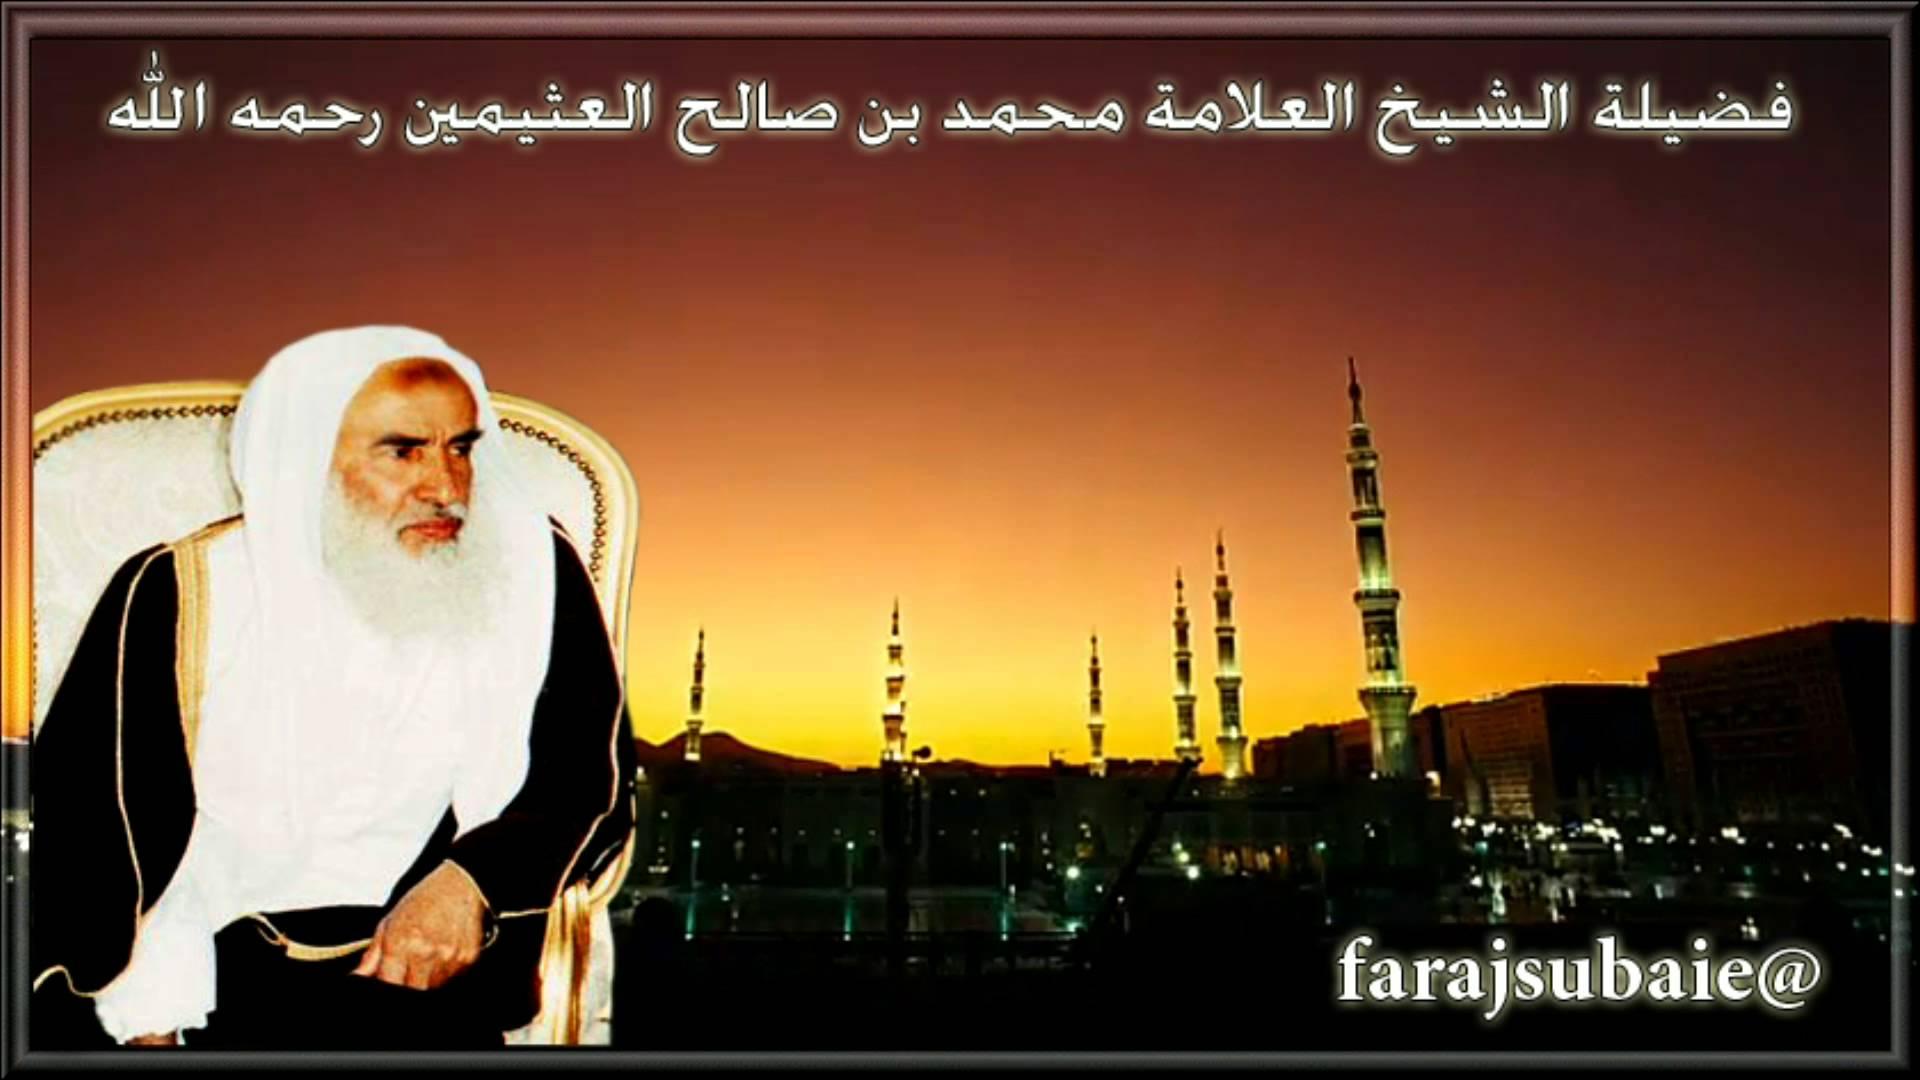 بالصور 18 فتوى رمضانية لابن عثيمين رحمه الله maxresdefault 30